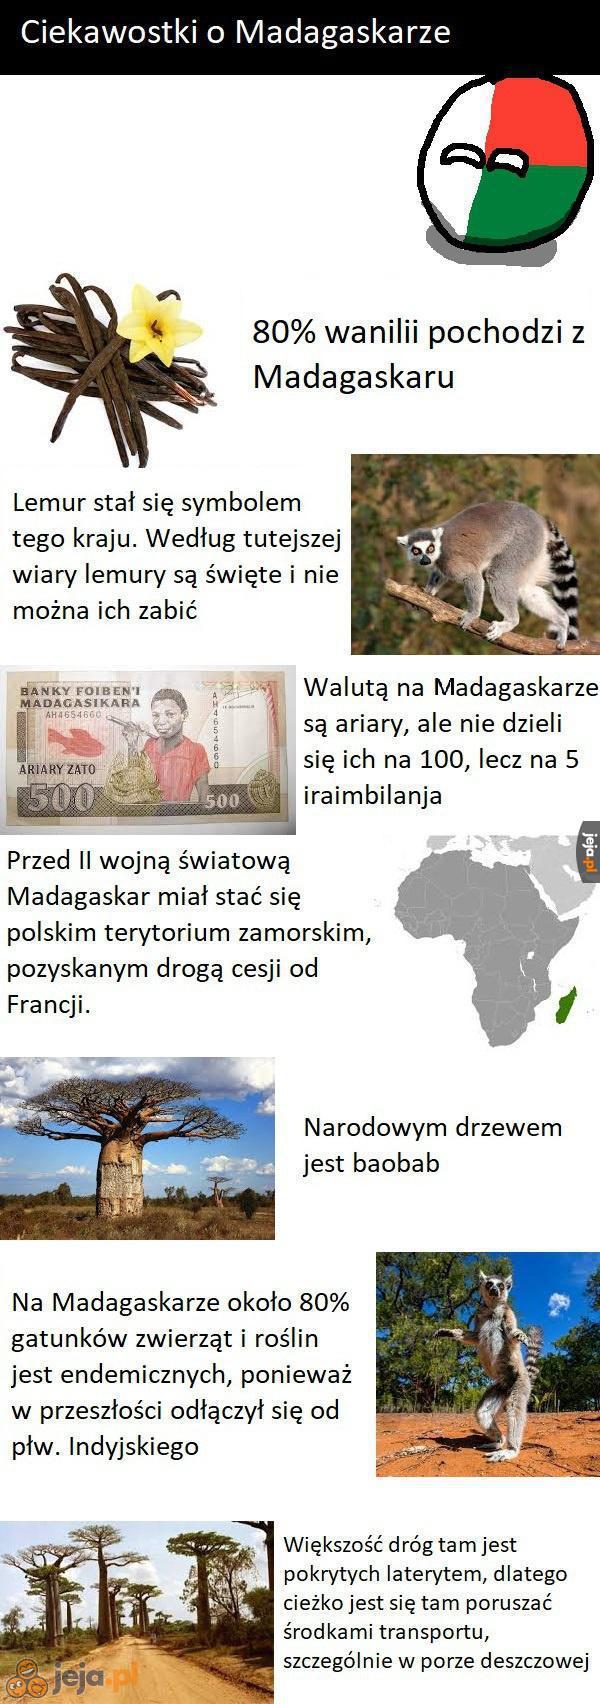 Ciekawostki o Madagaskarze